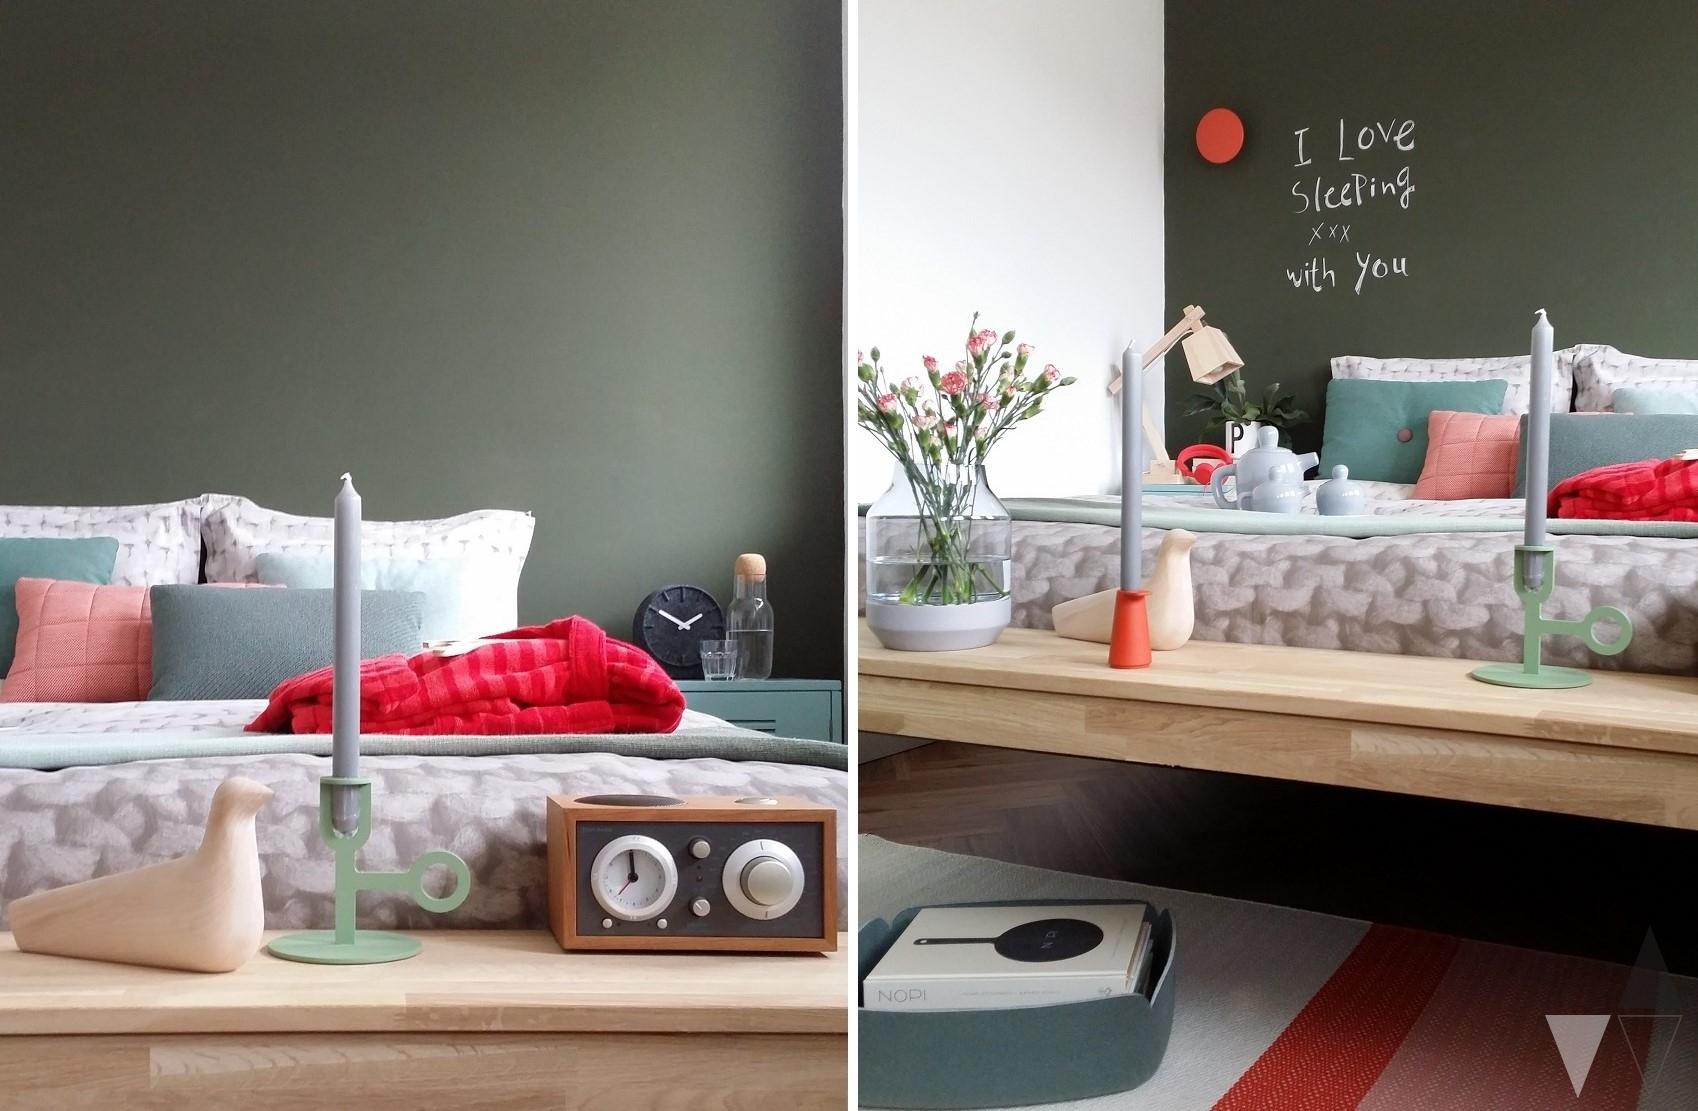 Kleur slaapkamer nu nl interieur meubilair idee n for Interieur van nu